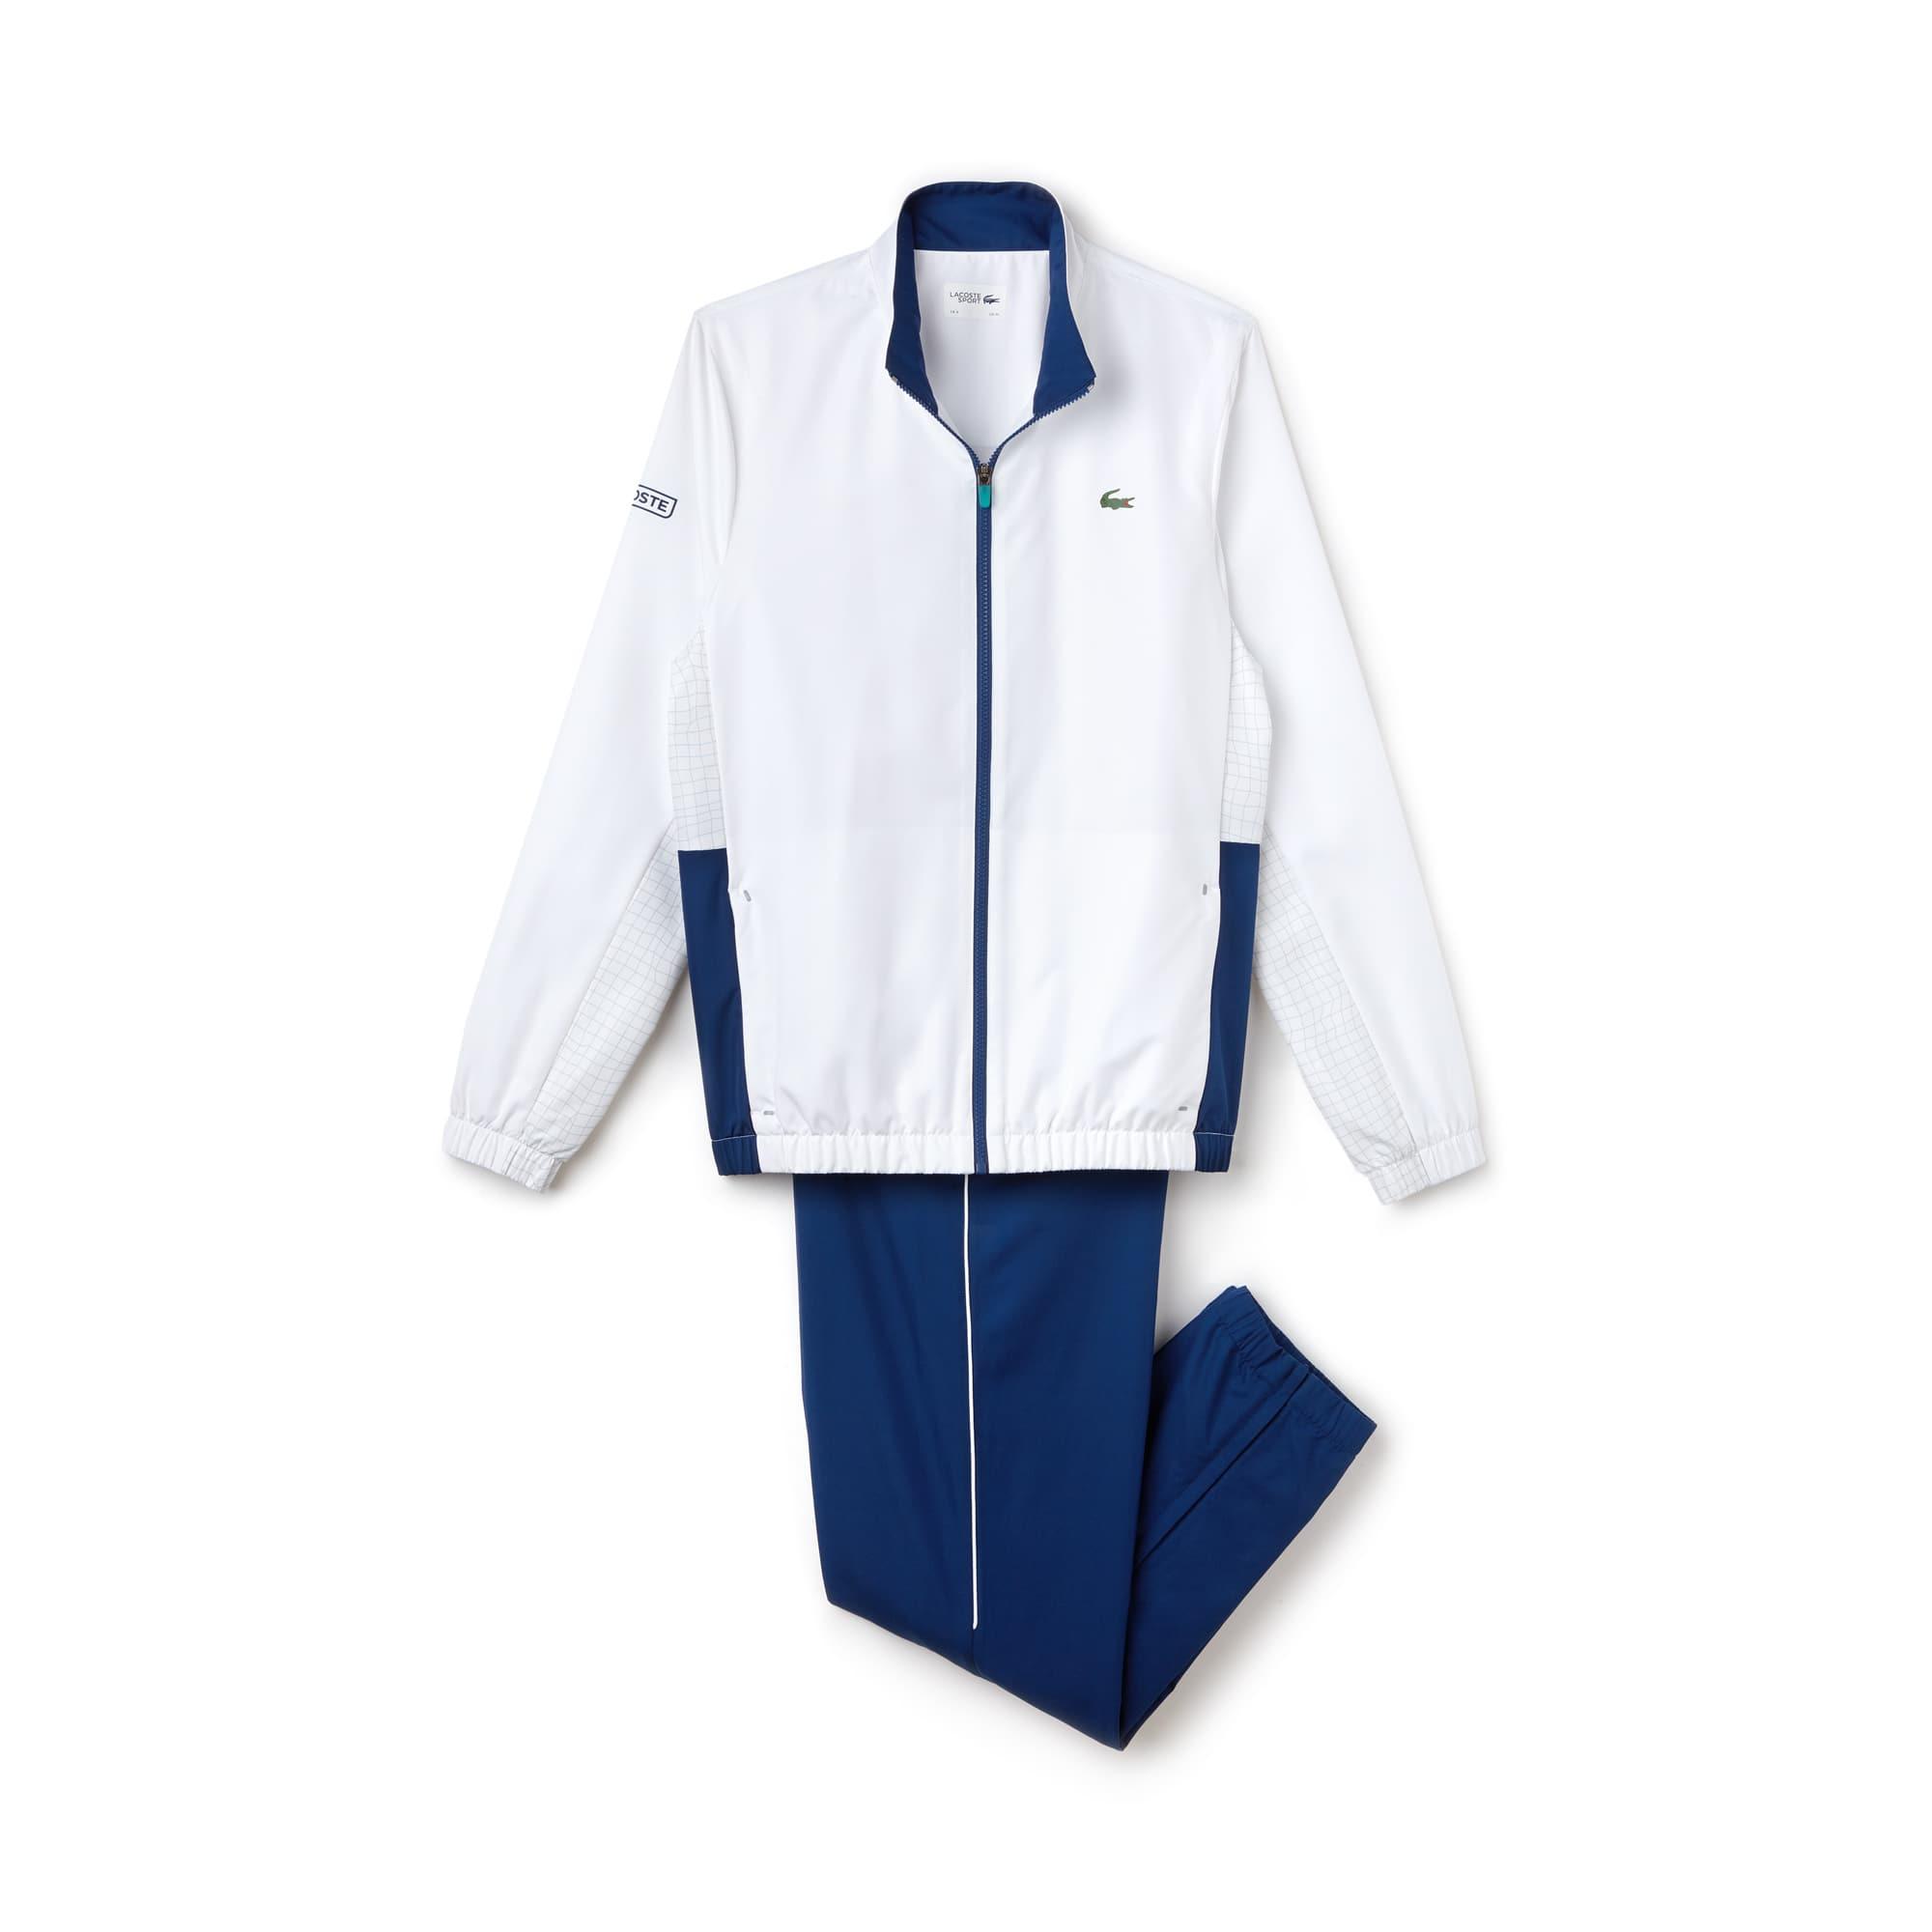 라코스테 Lacoste Mens SPORT Piped Taffeta Tennis Tracksuit,white / navy blue / grey / green